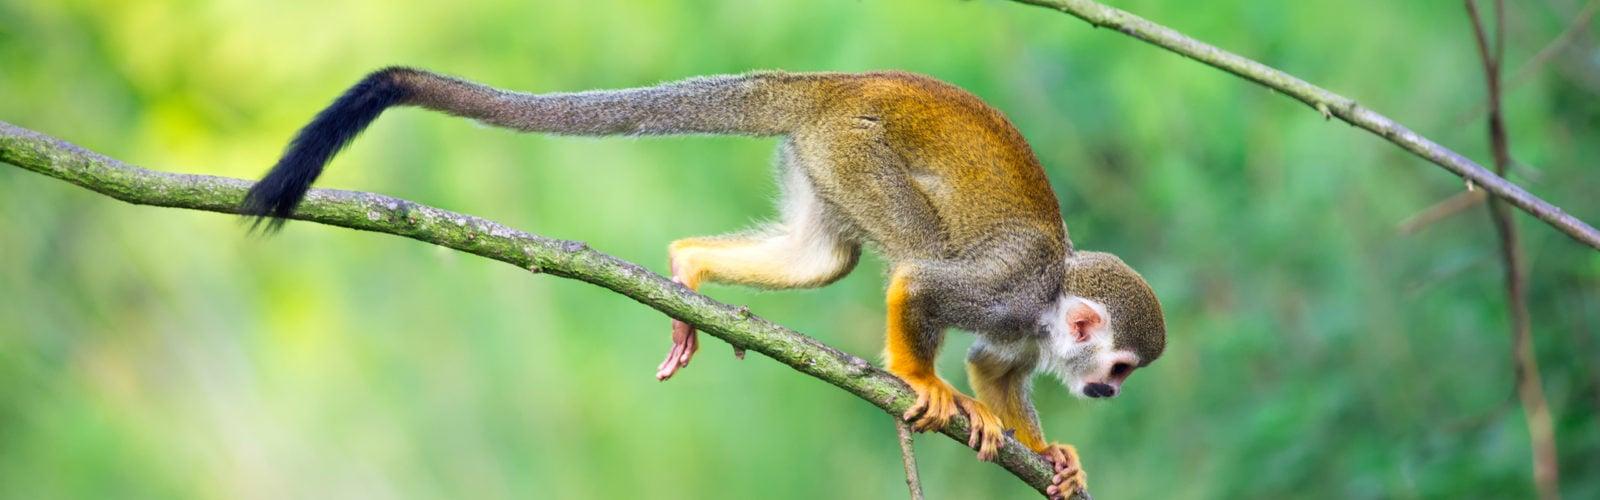 colombia-amazon-monkey